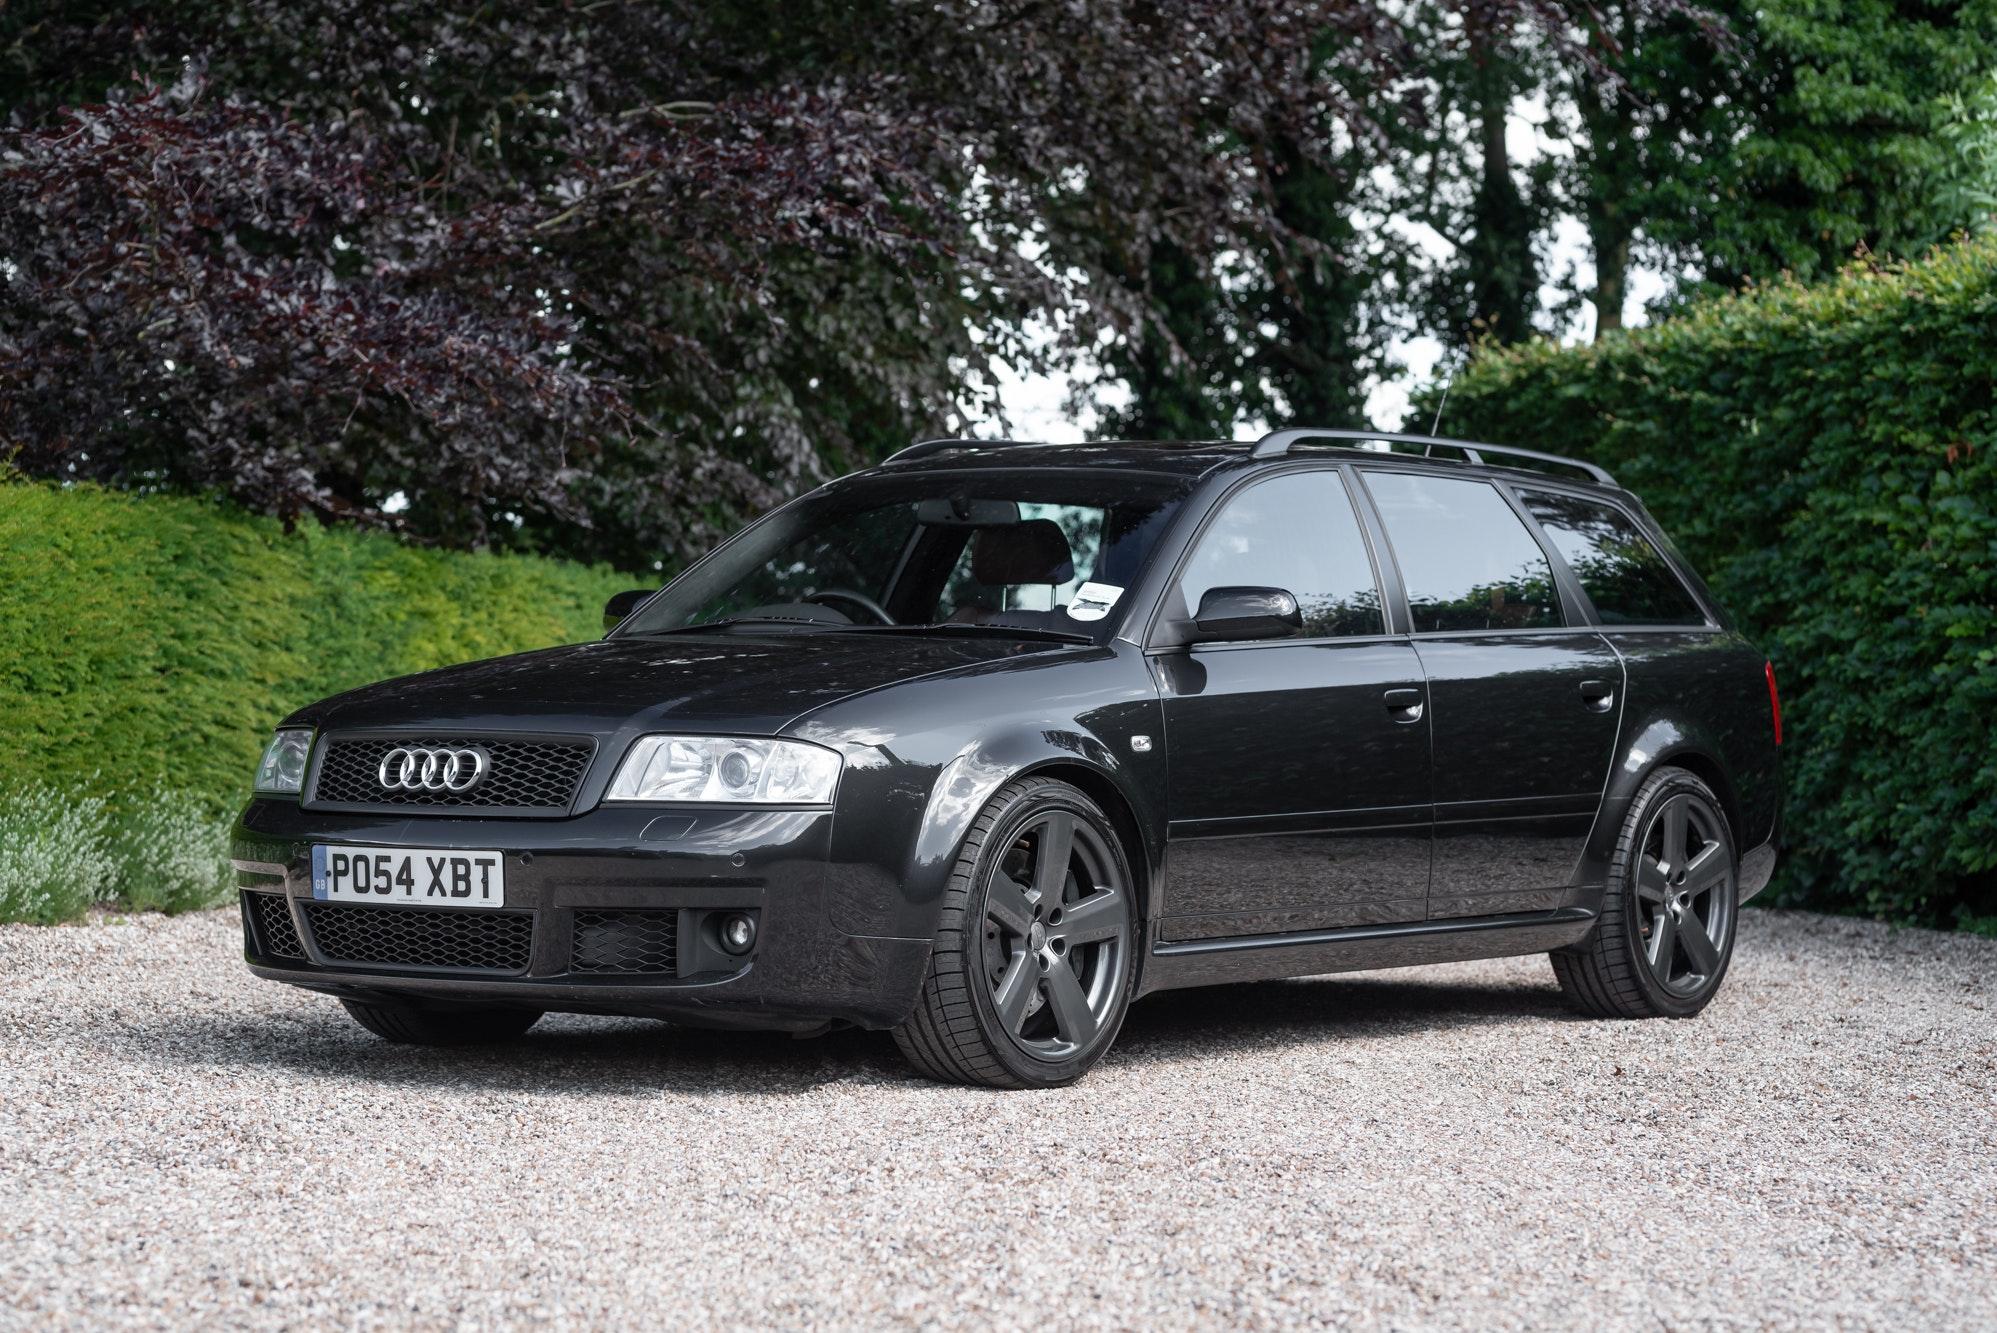 2004 Audi Rs6 Avant Plus